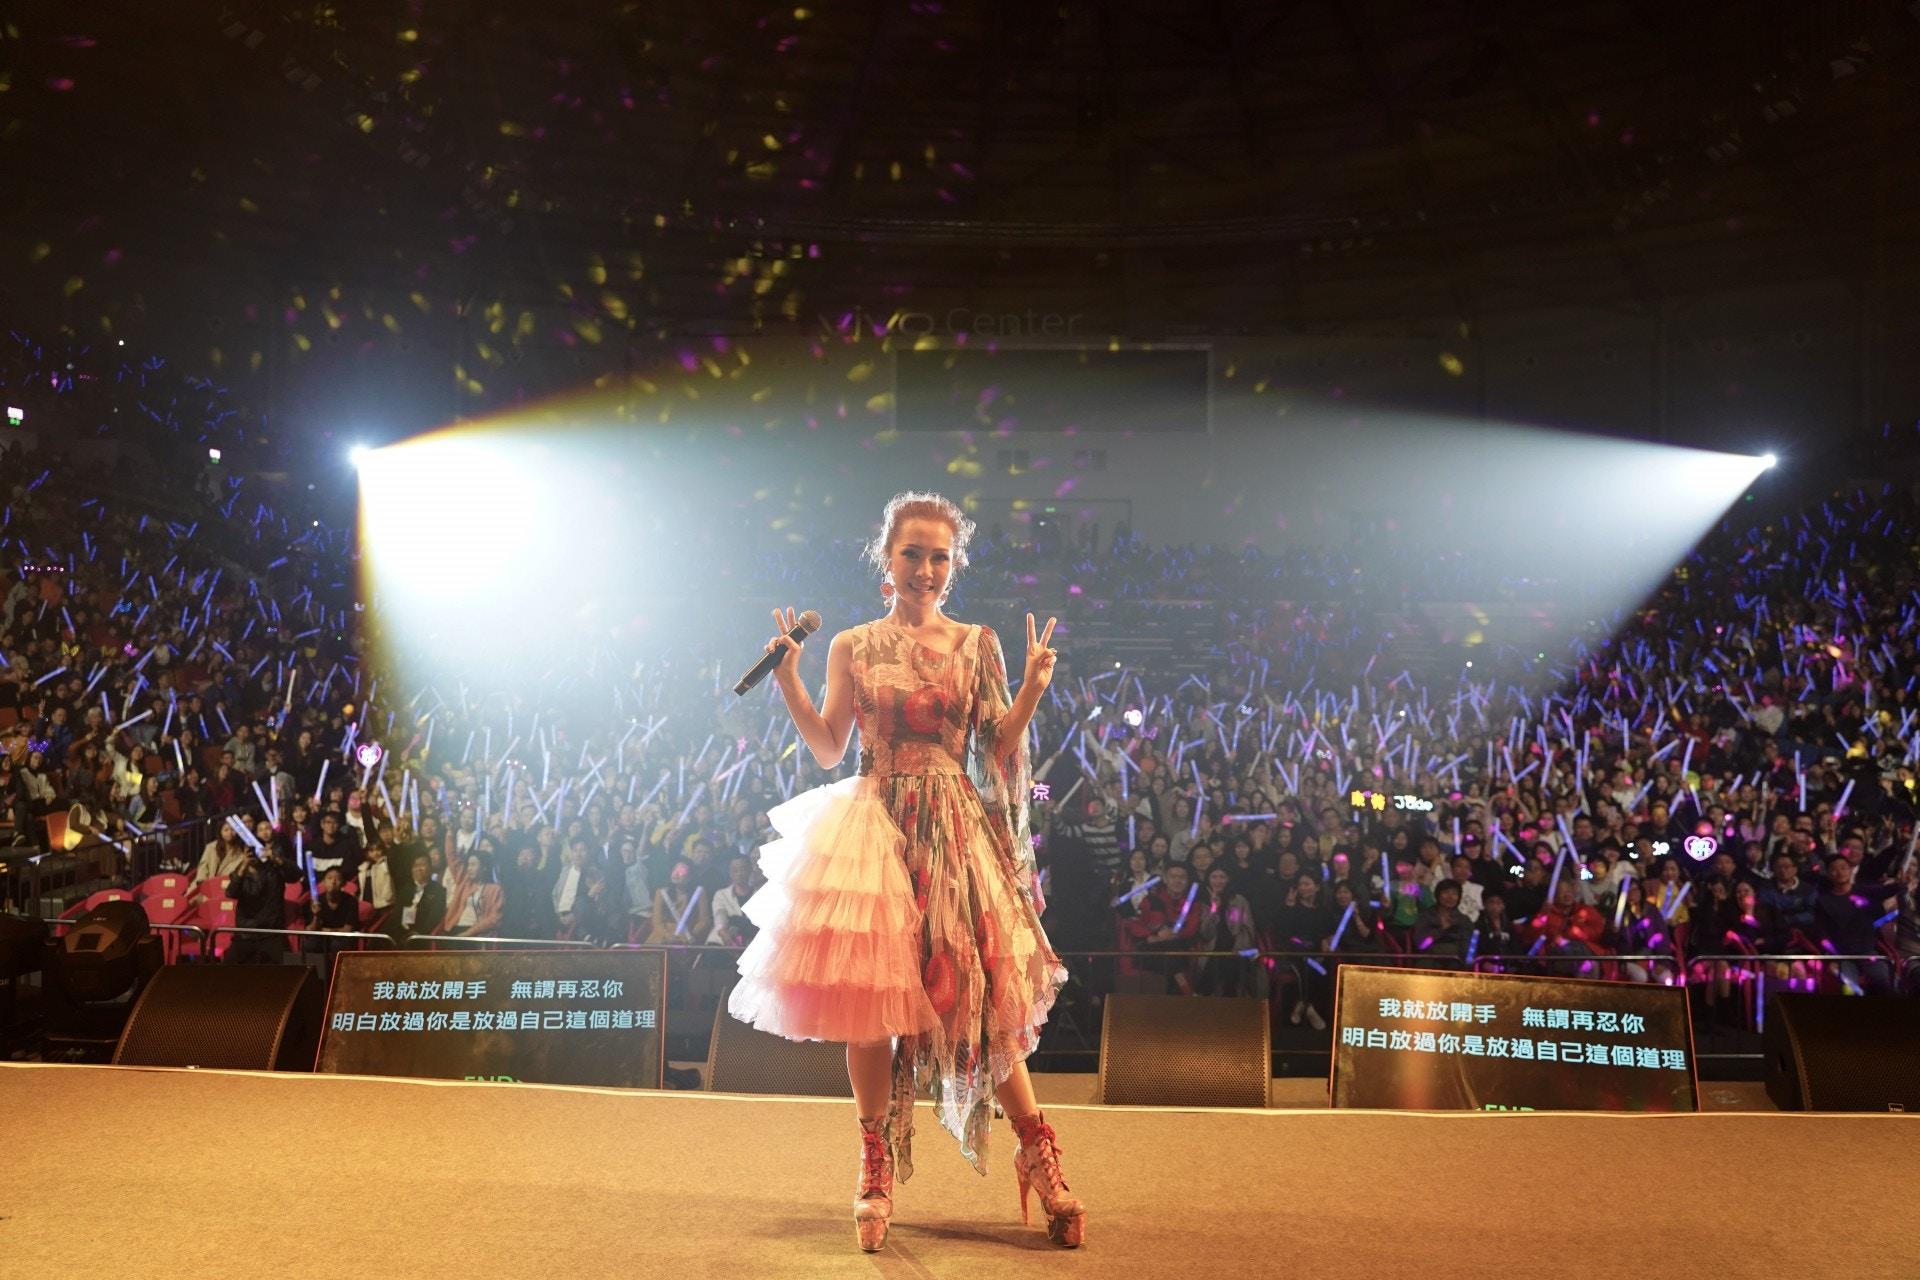 關心妍非常感恩有歌迷一直支持。